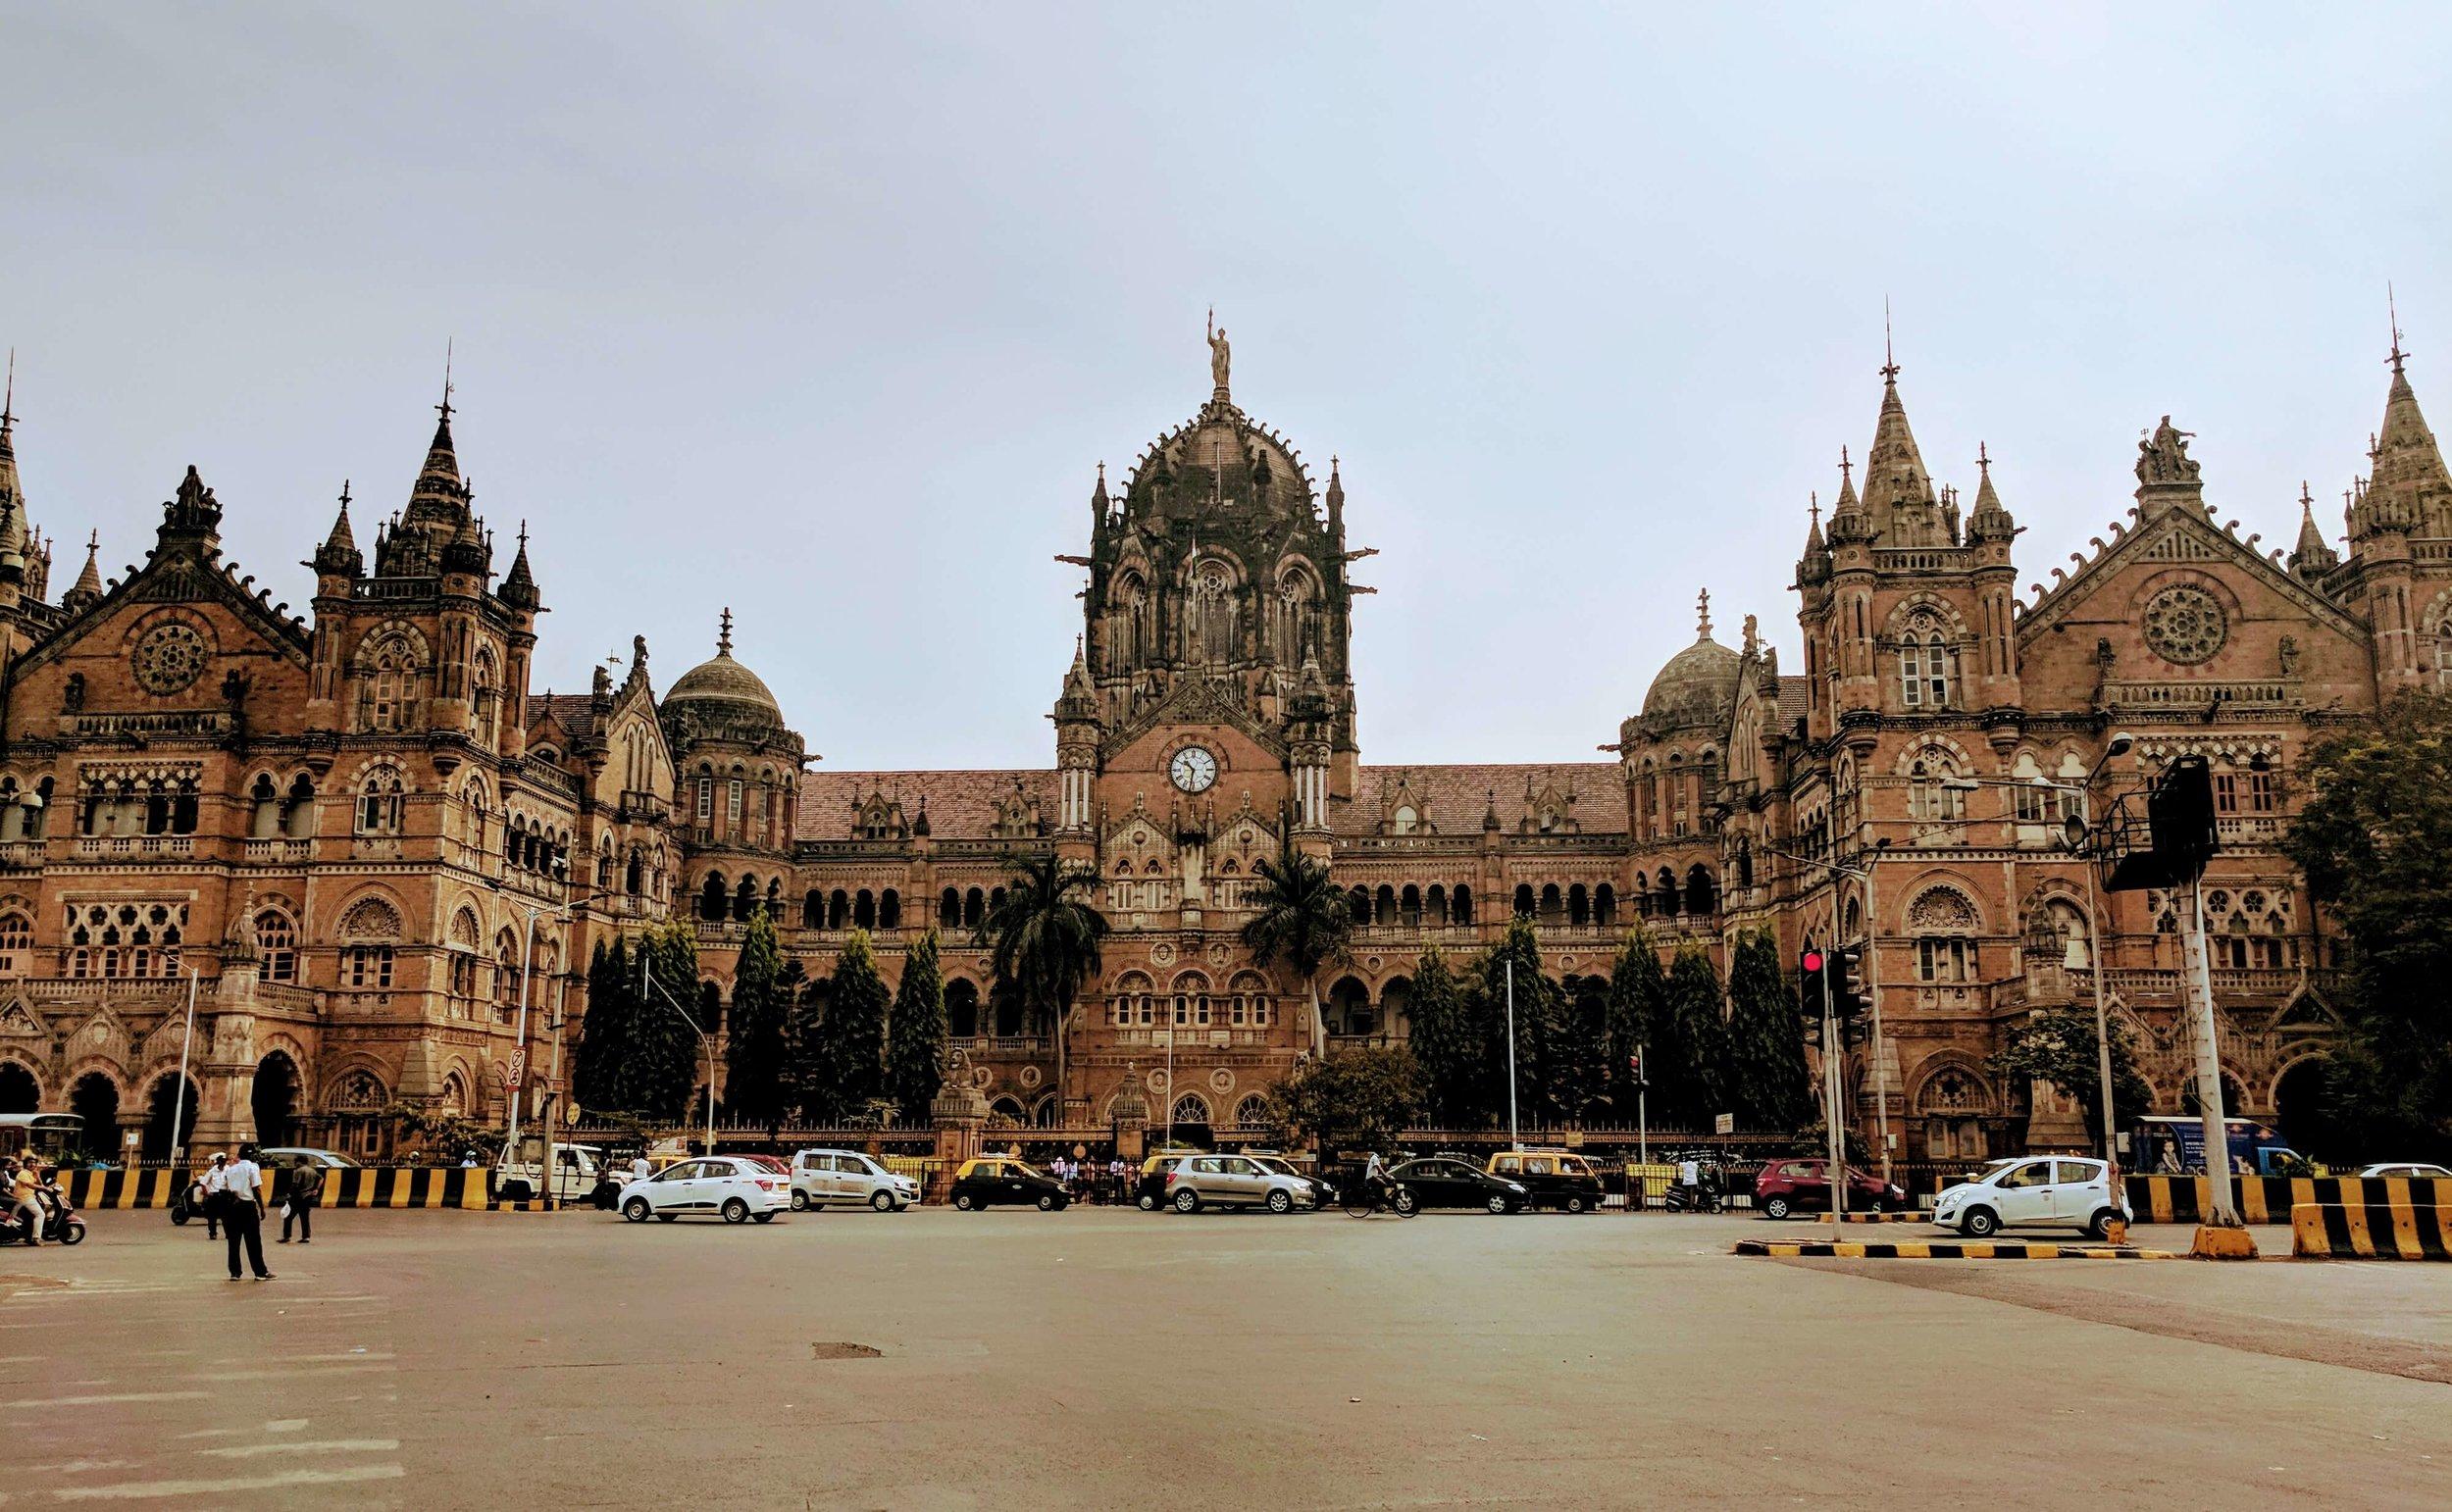 Dr. Bhau Daji Lad Mumbai City Museum,